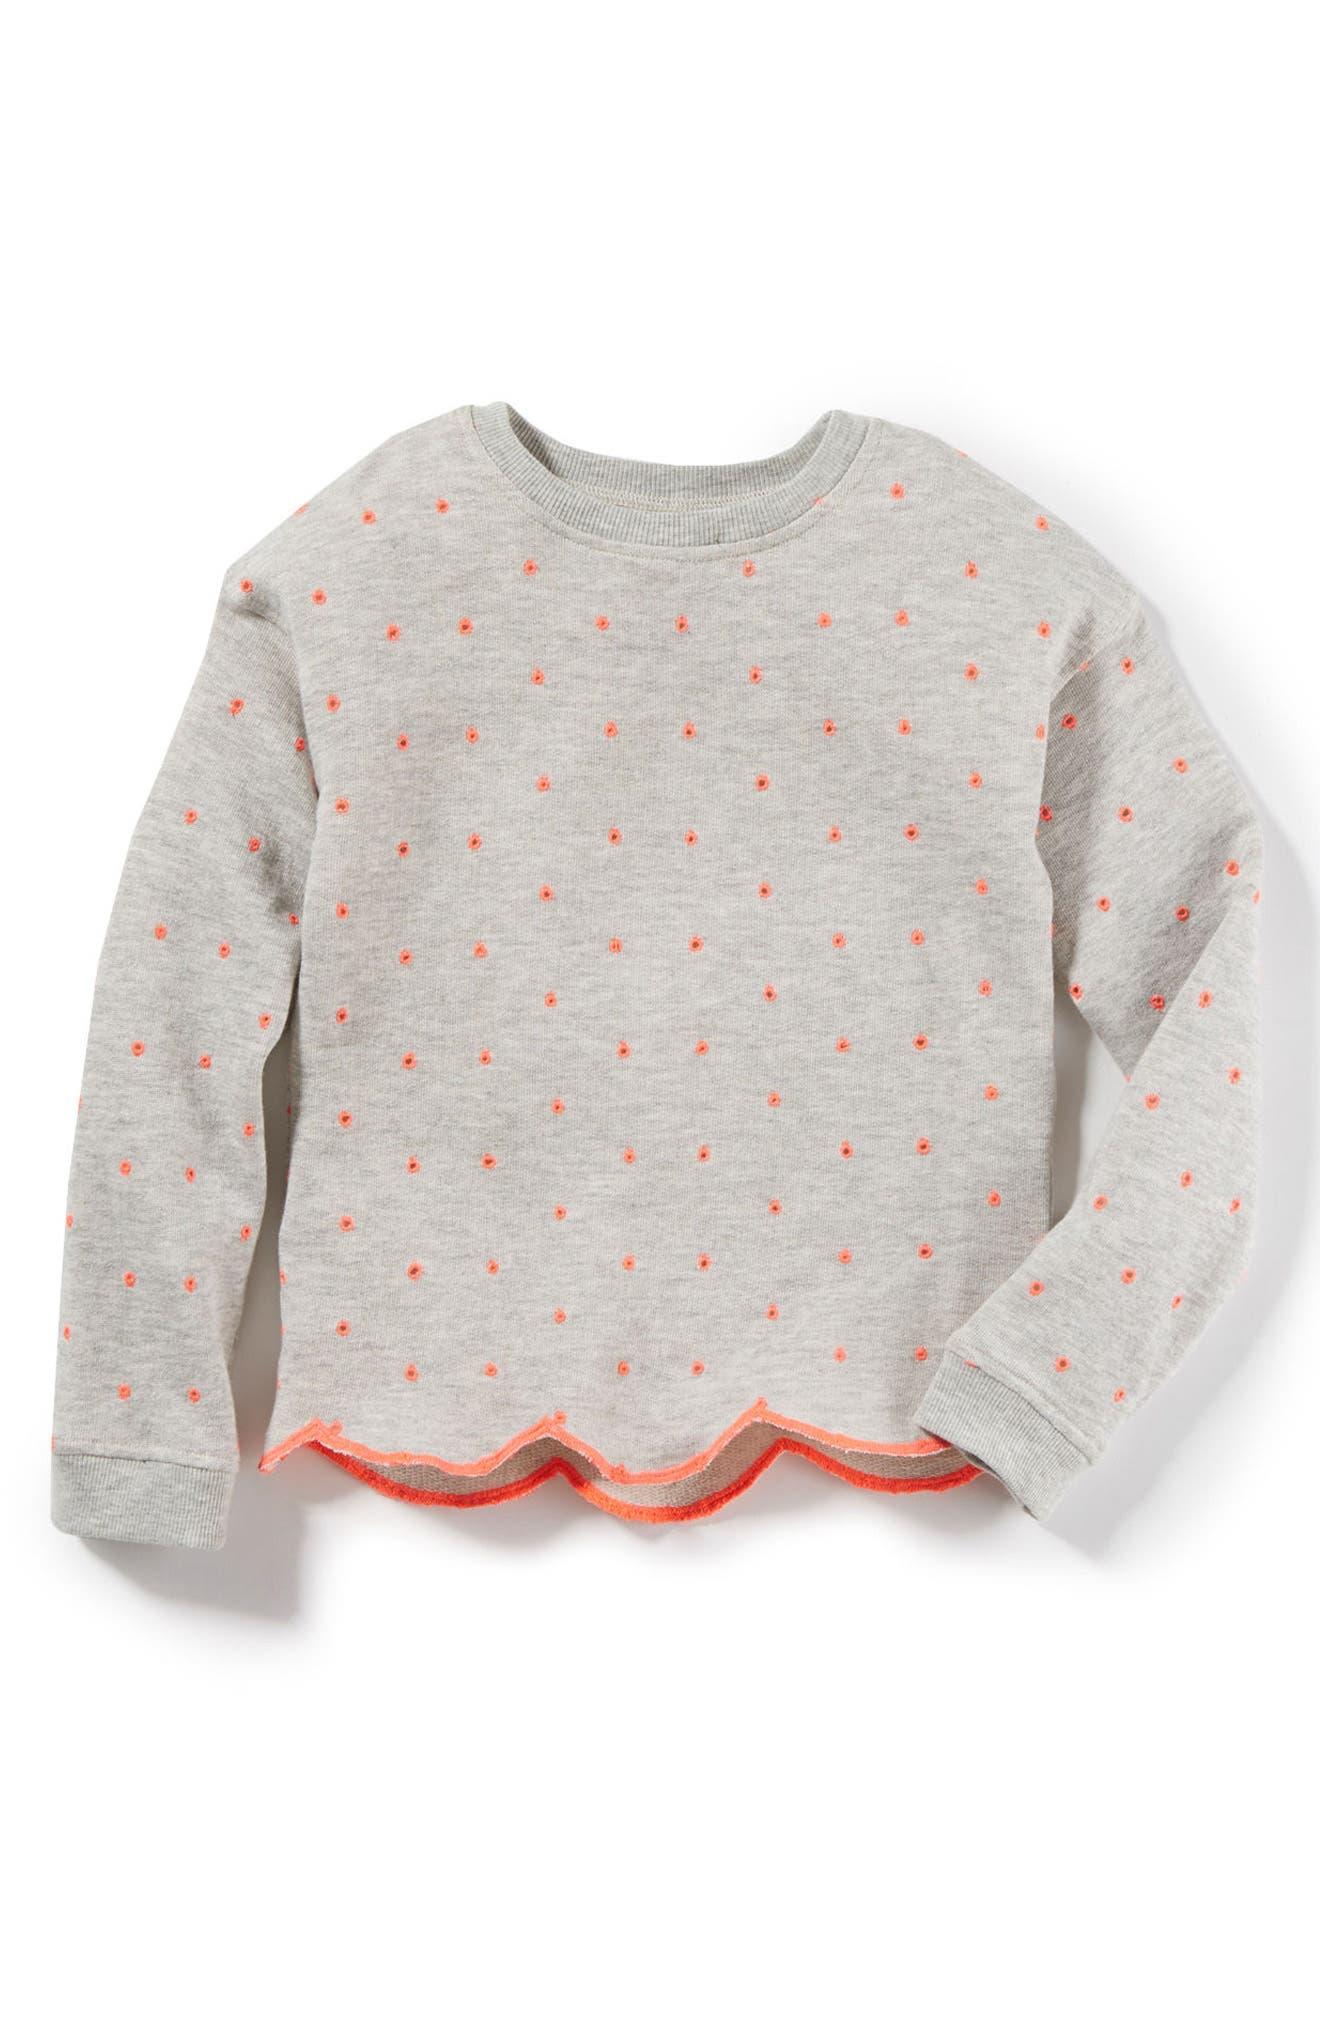 Ariel Sweater,                         Main,                         color, Heather Grey